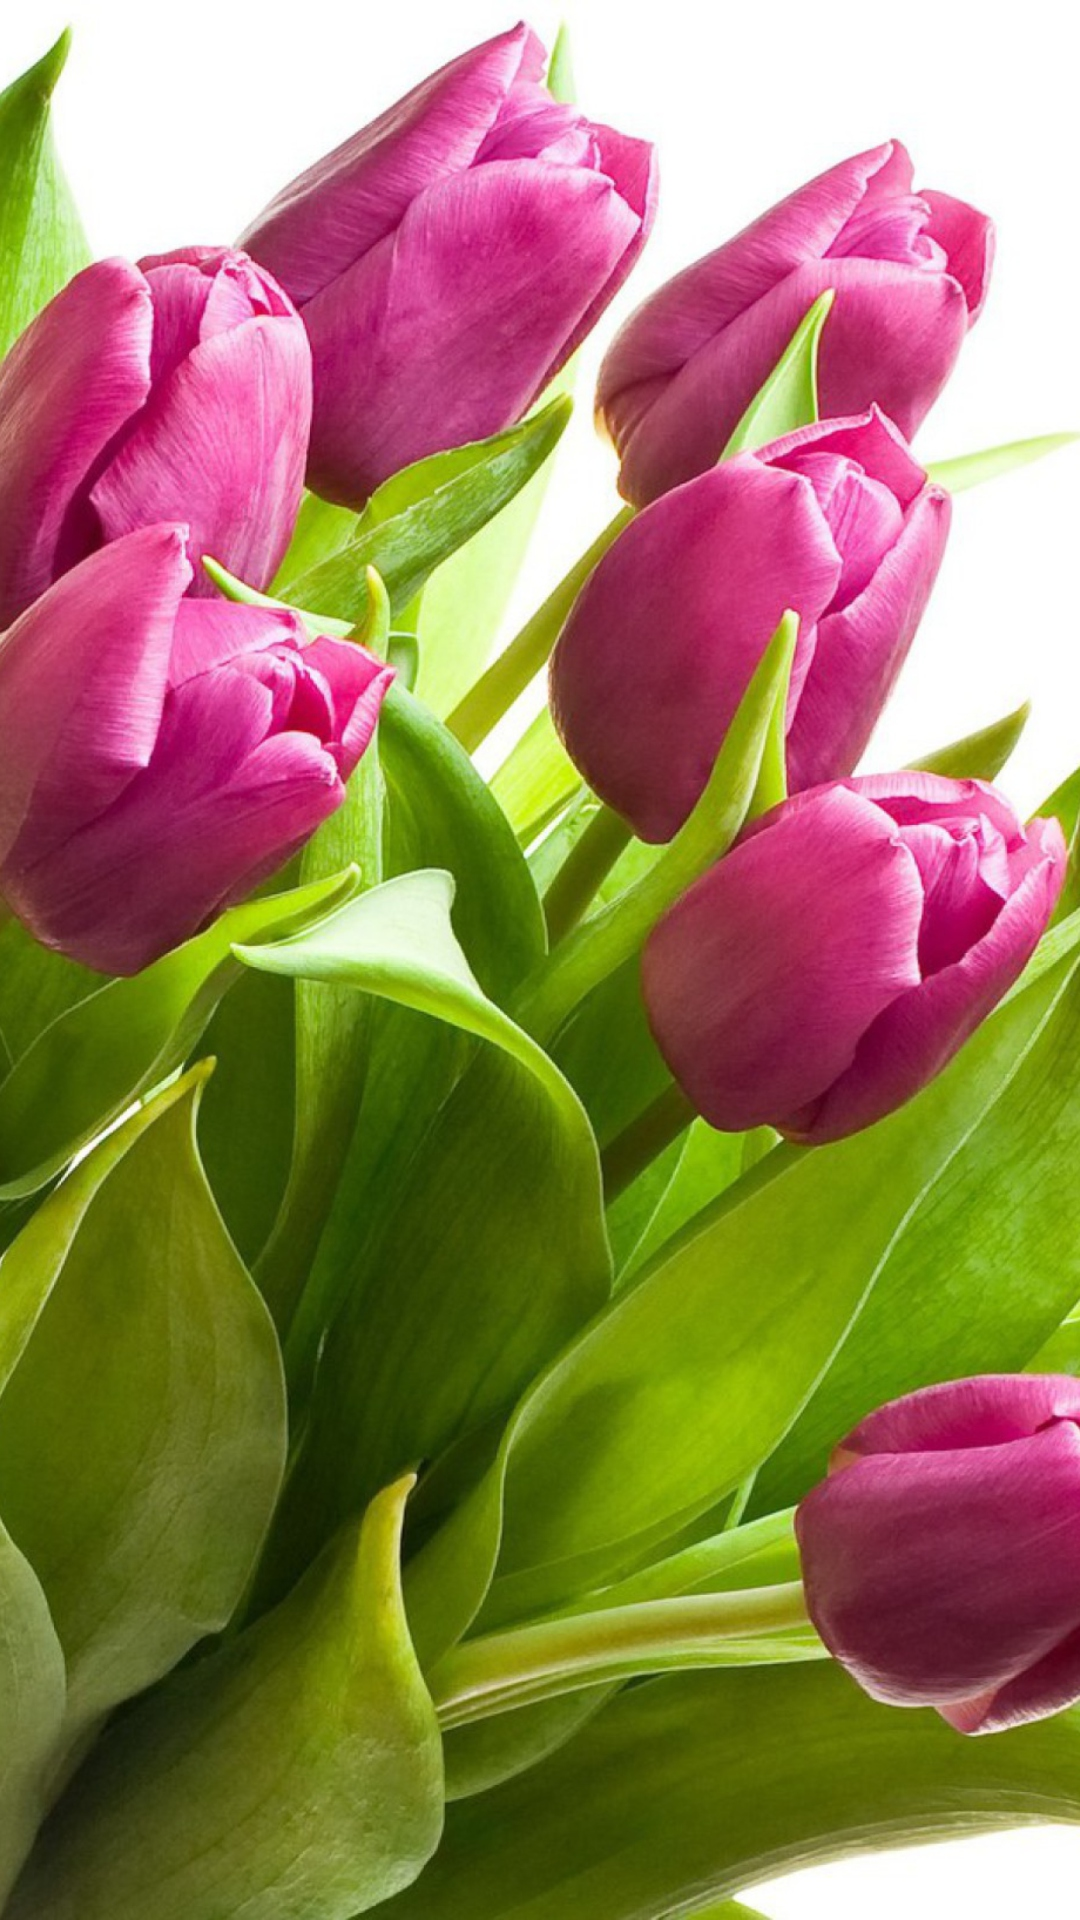 tulip-photo-184